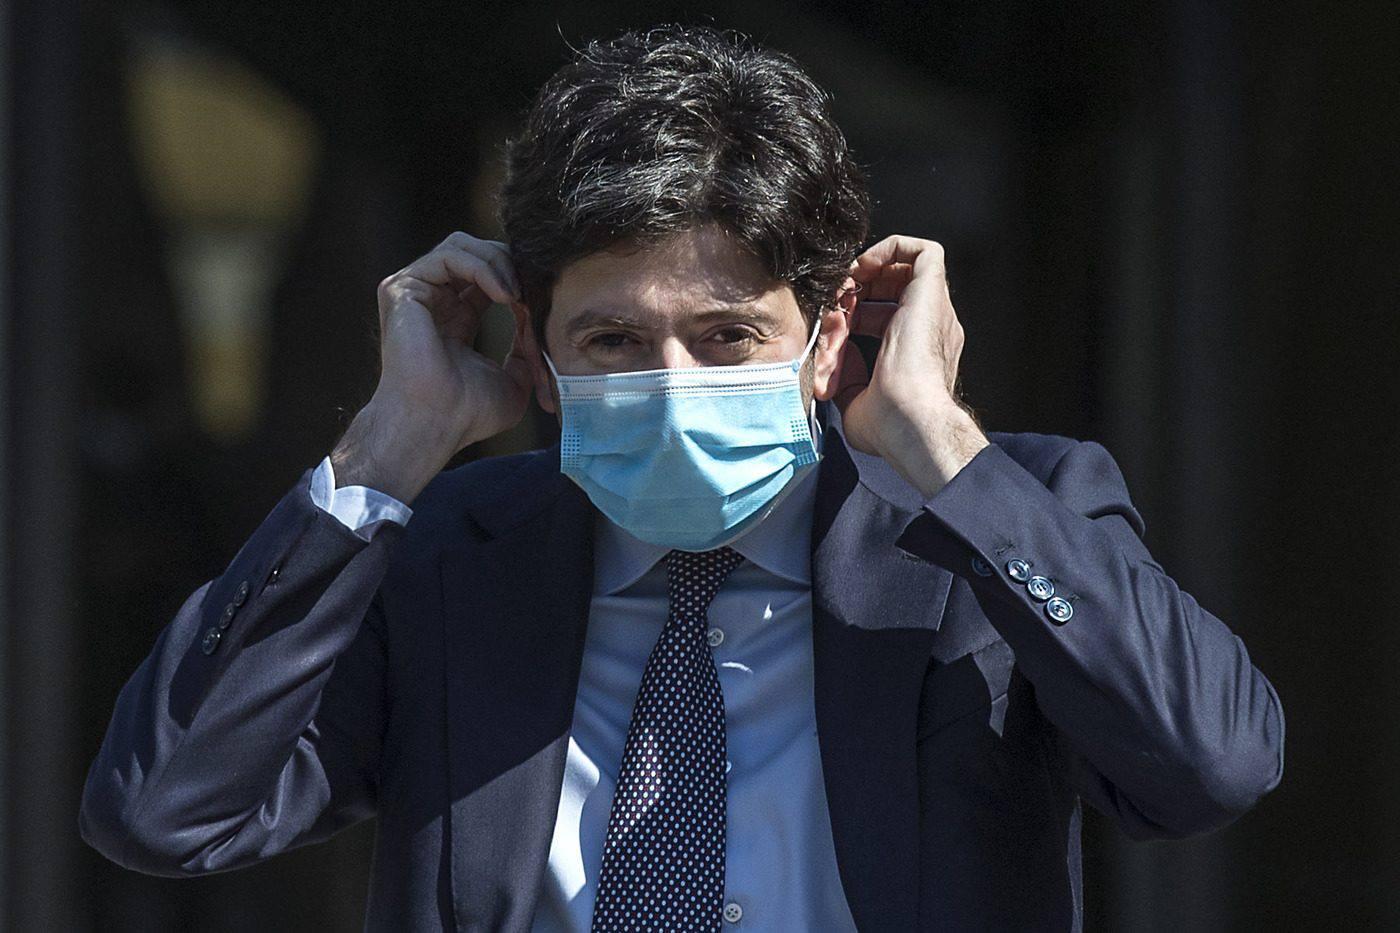 Roberto Speranza Coronaviris - Leggilo.org